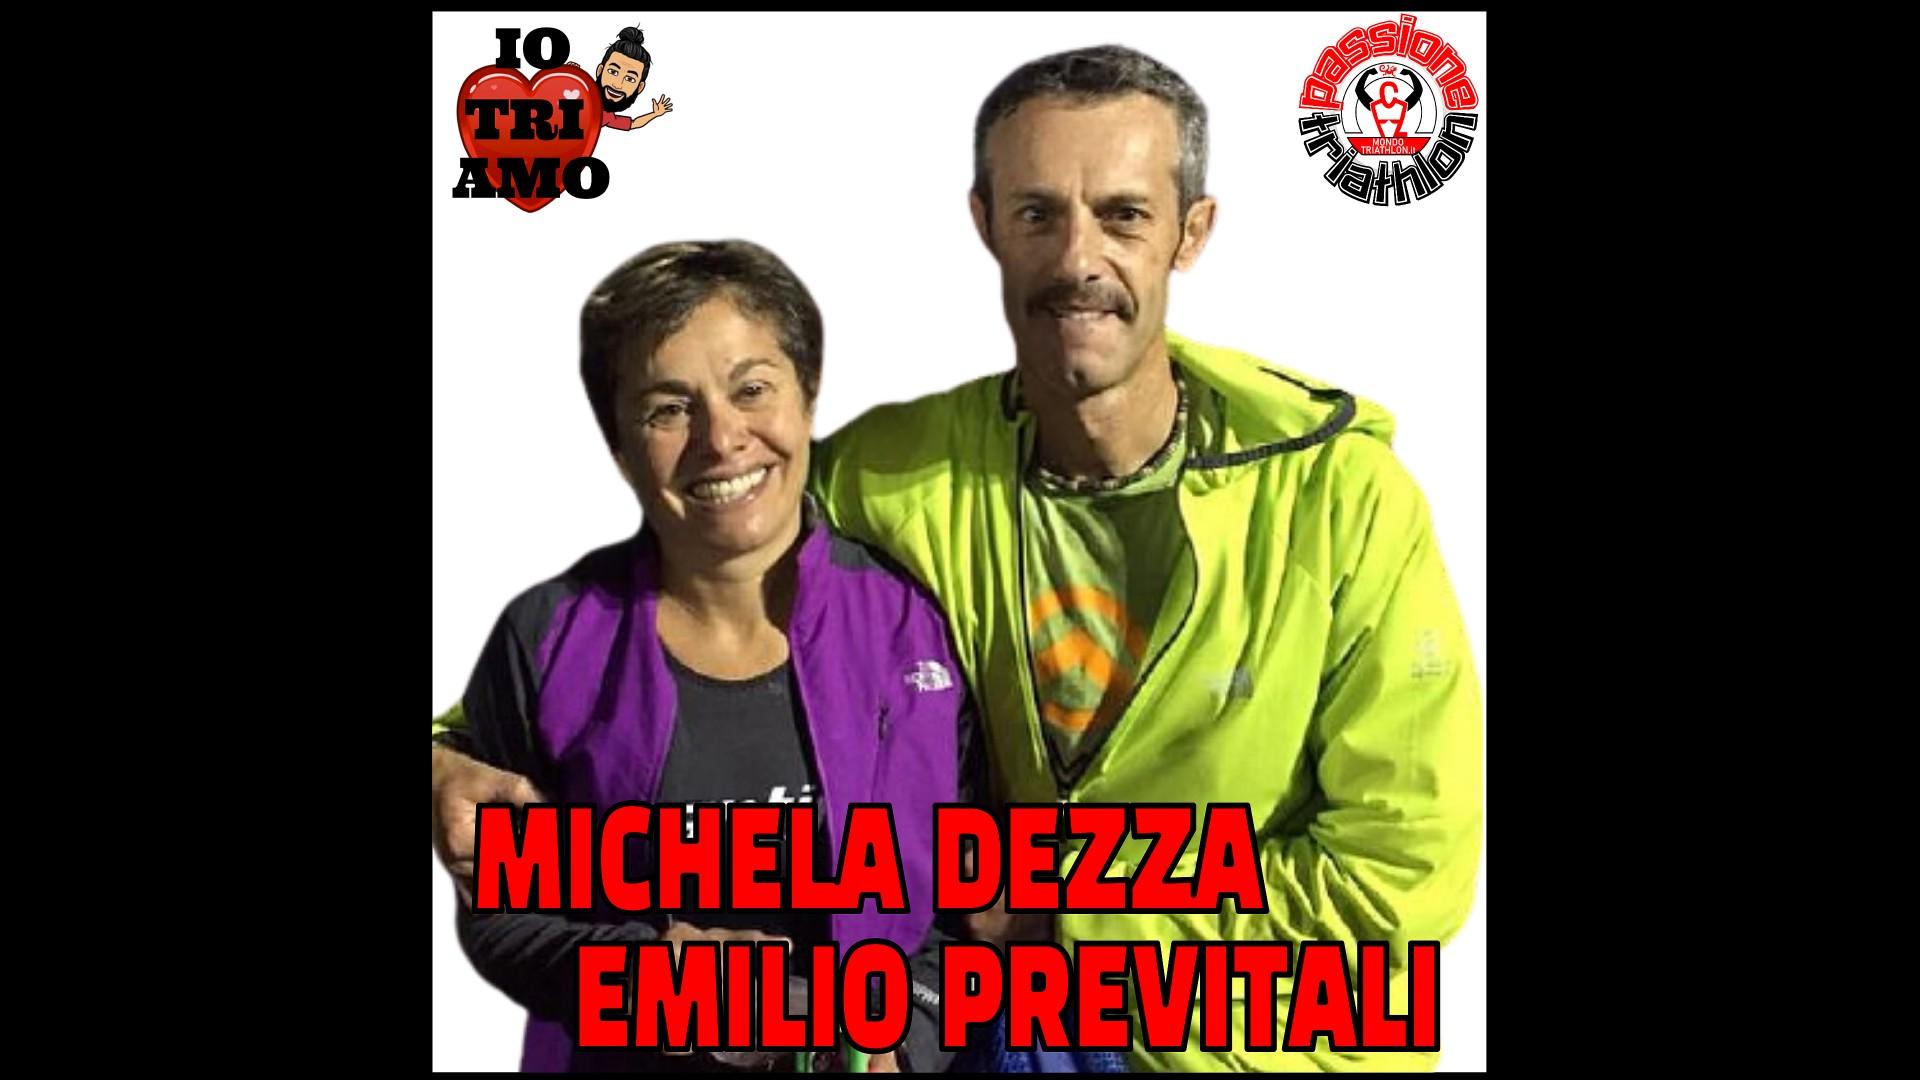 Michela Dezza ed Emilio Previtali Passione Triathlon n° 88